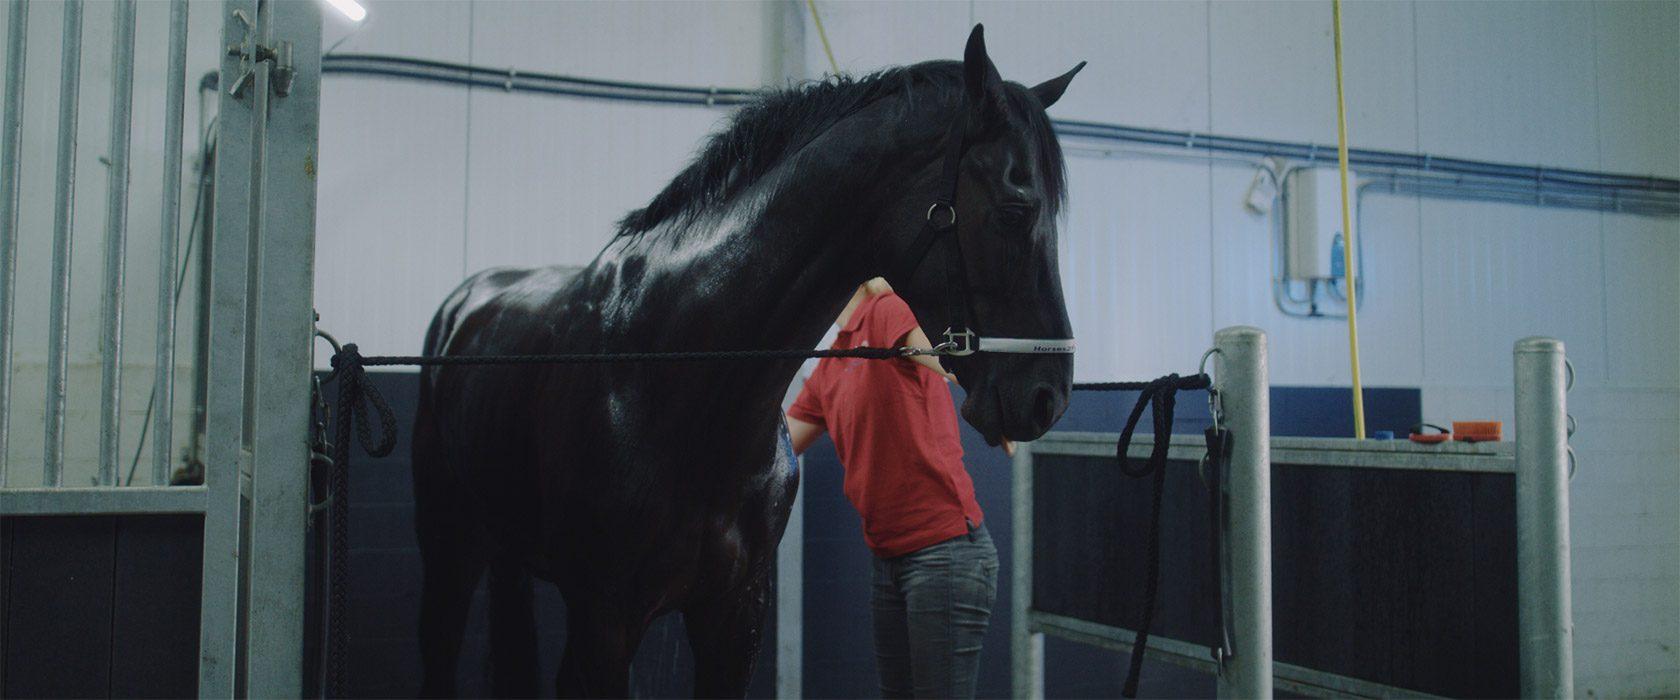 film_still_horses9_1680x700